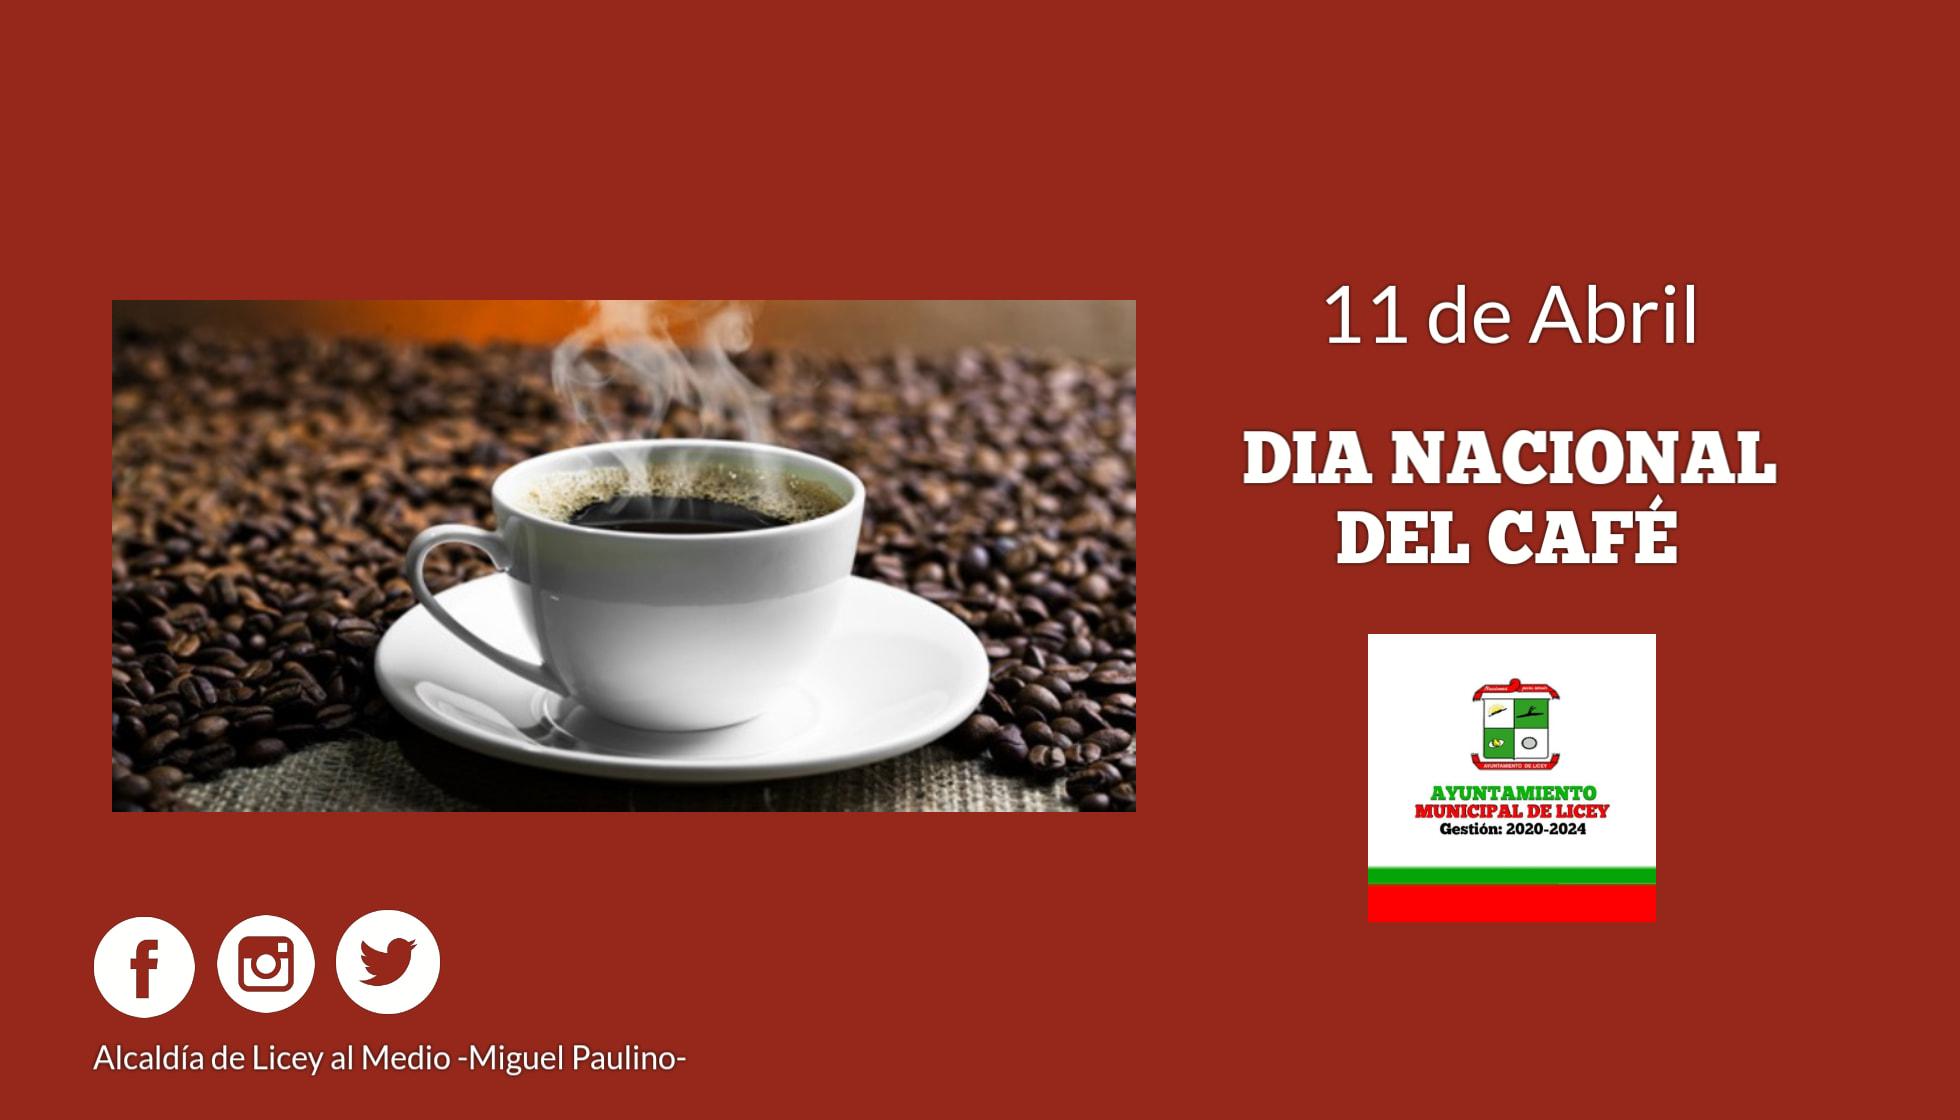 El 11 de abril se celebra en la República Dominicana el Día Nacional del Café.